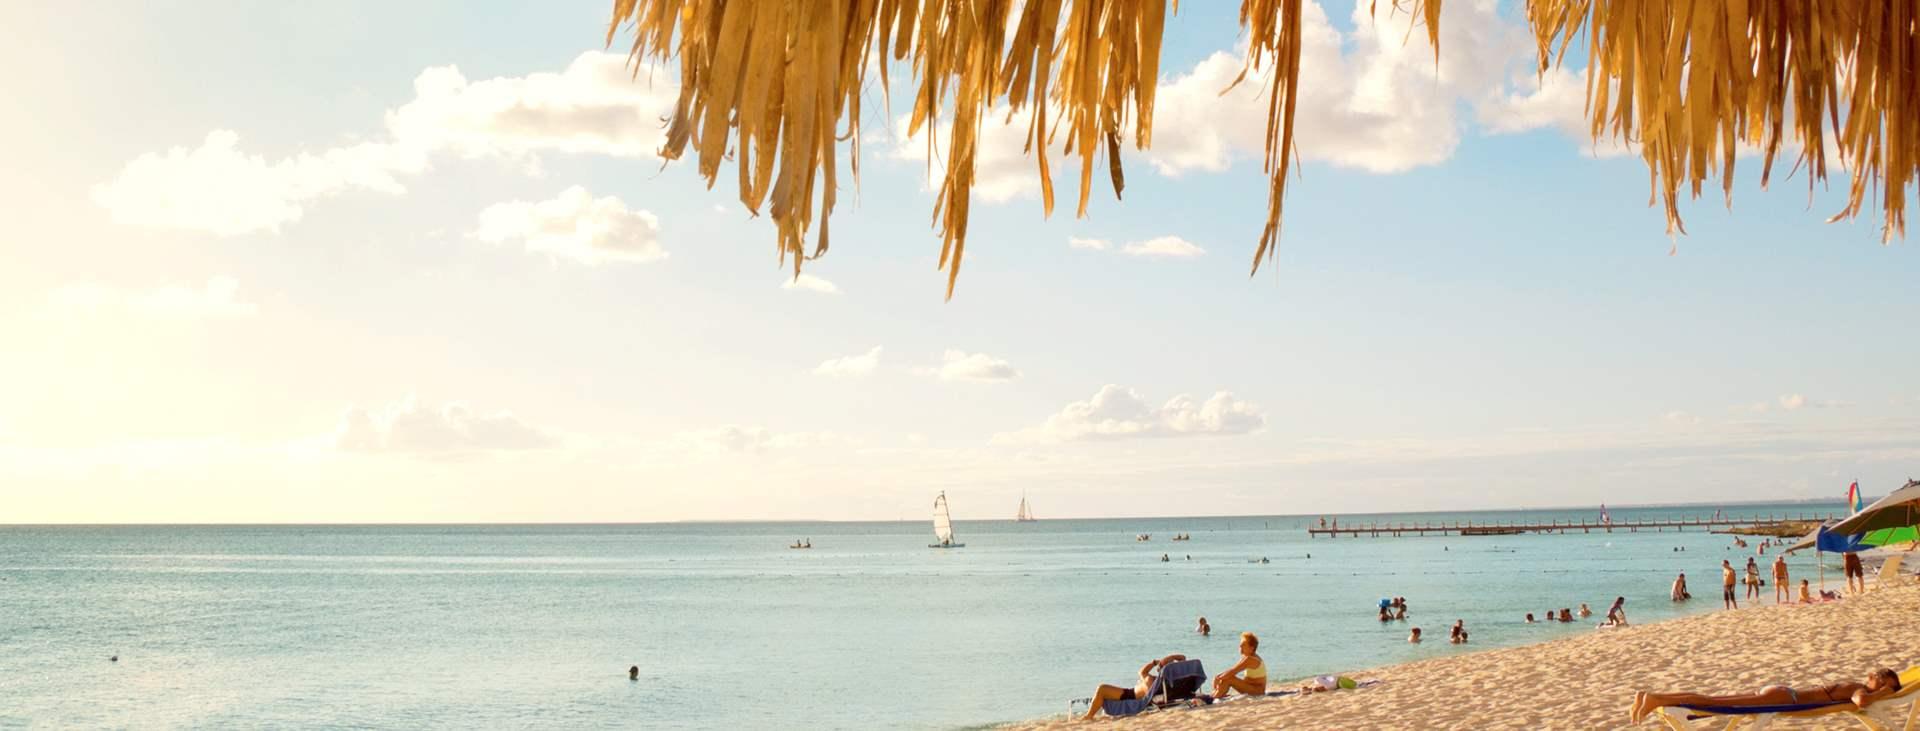 Unelmaloma Karibialla - Varaa matka Dominikaaniseen tasavaltaan